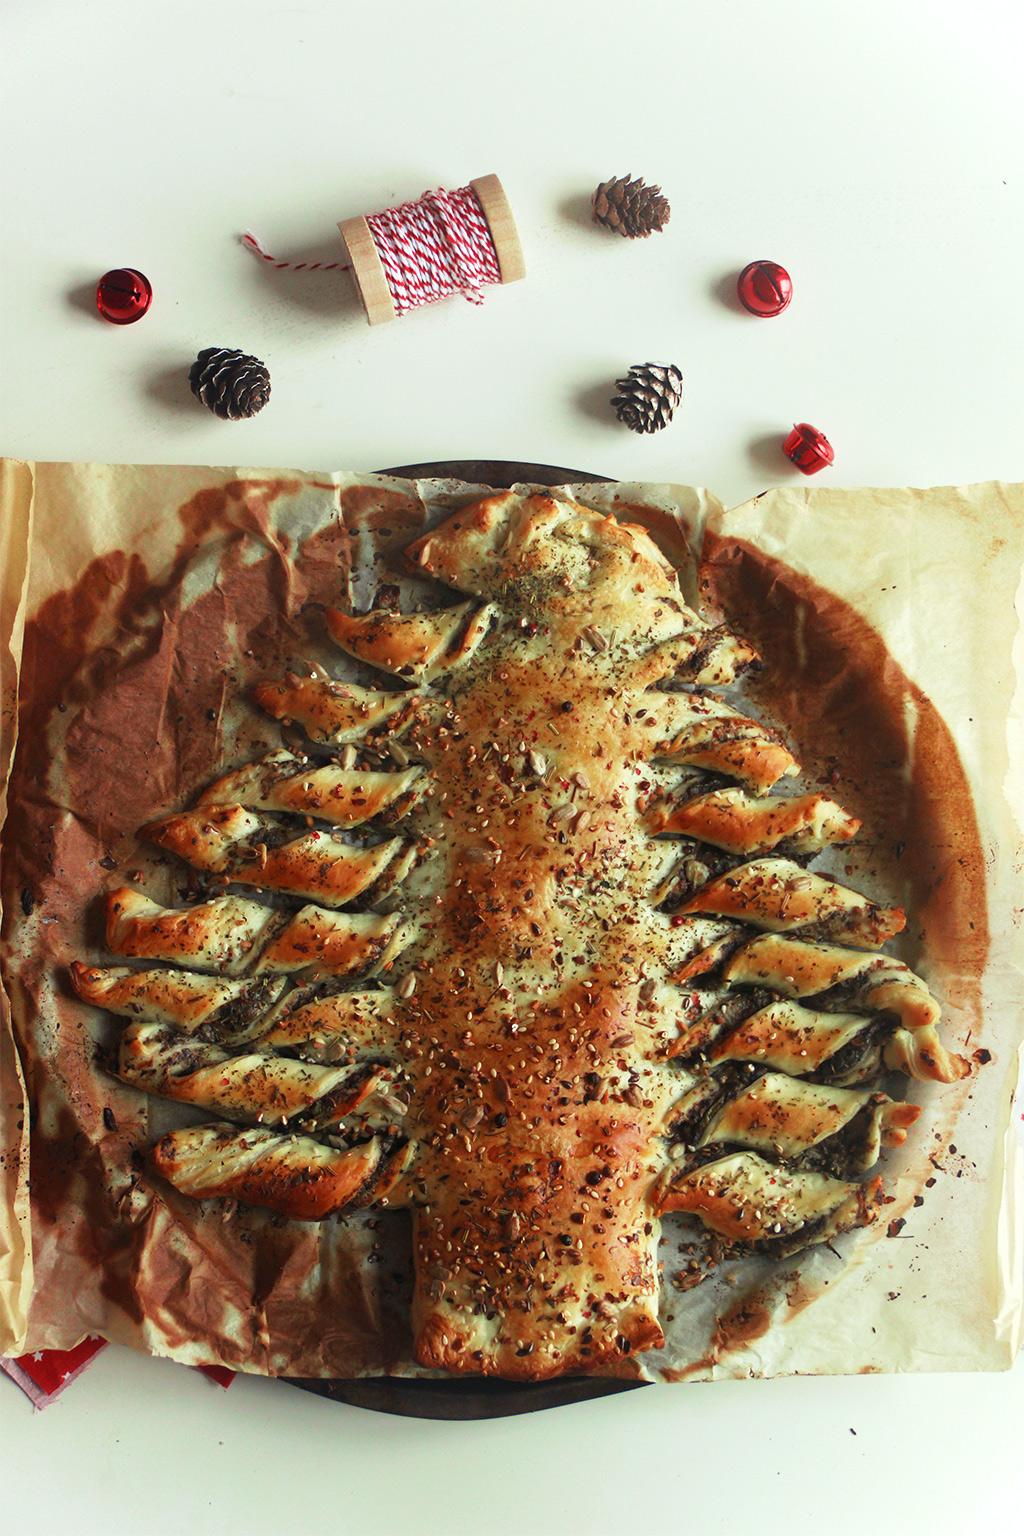 ... a fait le tour de la blogosphère culinaire ces dernières années… Et  pour cause! C est une super idée, facile à réaliser et qui en jette vraiment . f730dee6880